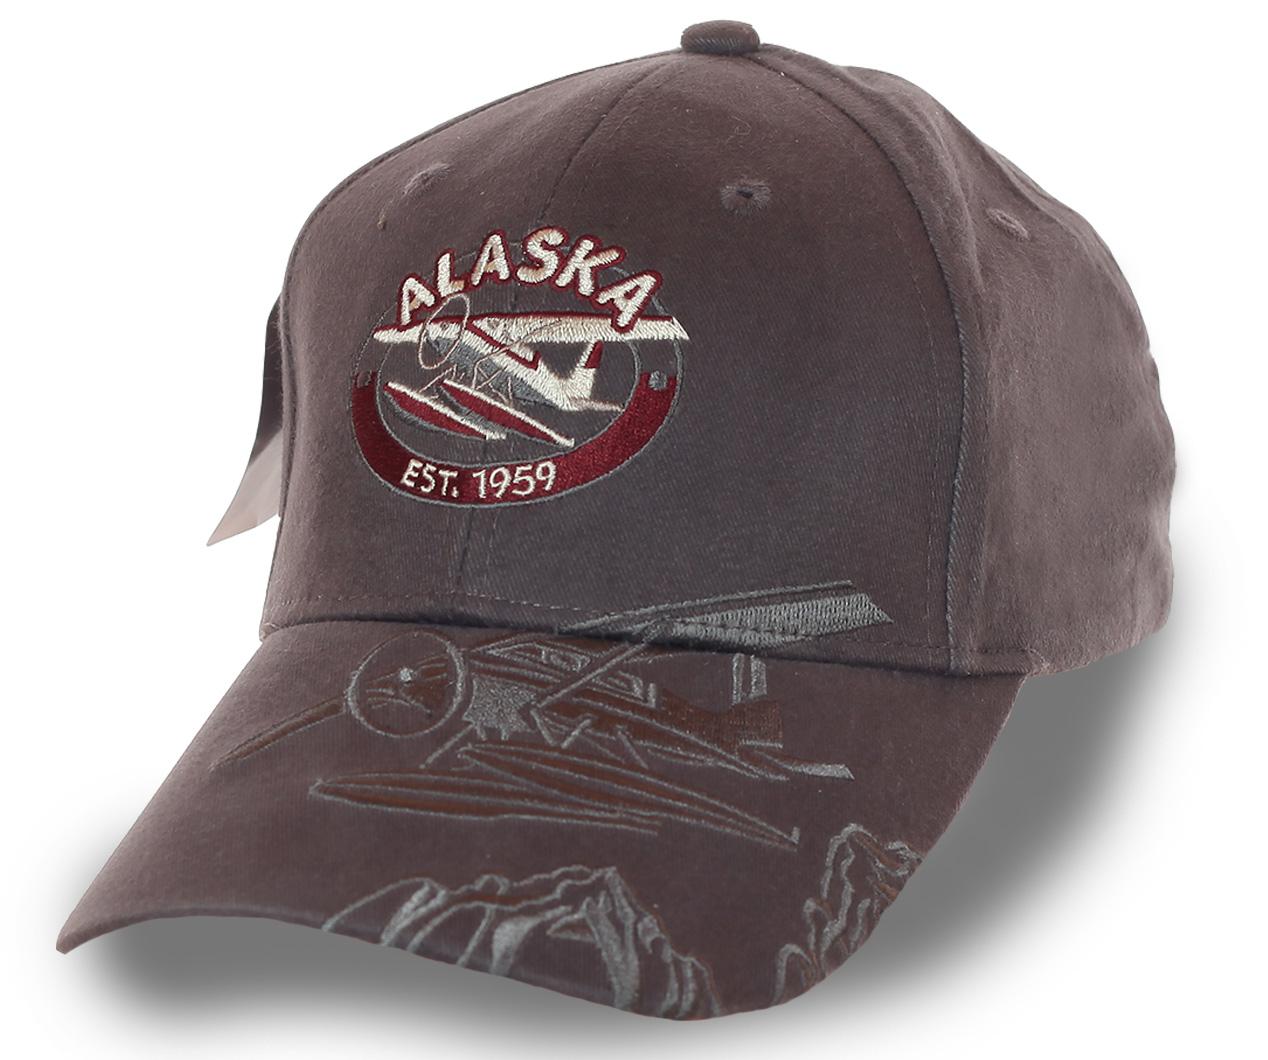 Графитовая бейсболка с объемным принтом самого сурового штата Alaska 1959 – профессиональная машинная вышивка, мужские цвета, оригинальное оформление козырька